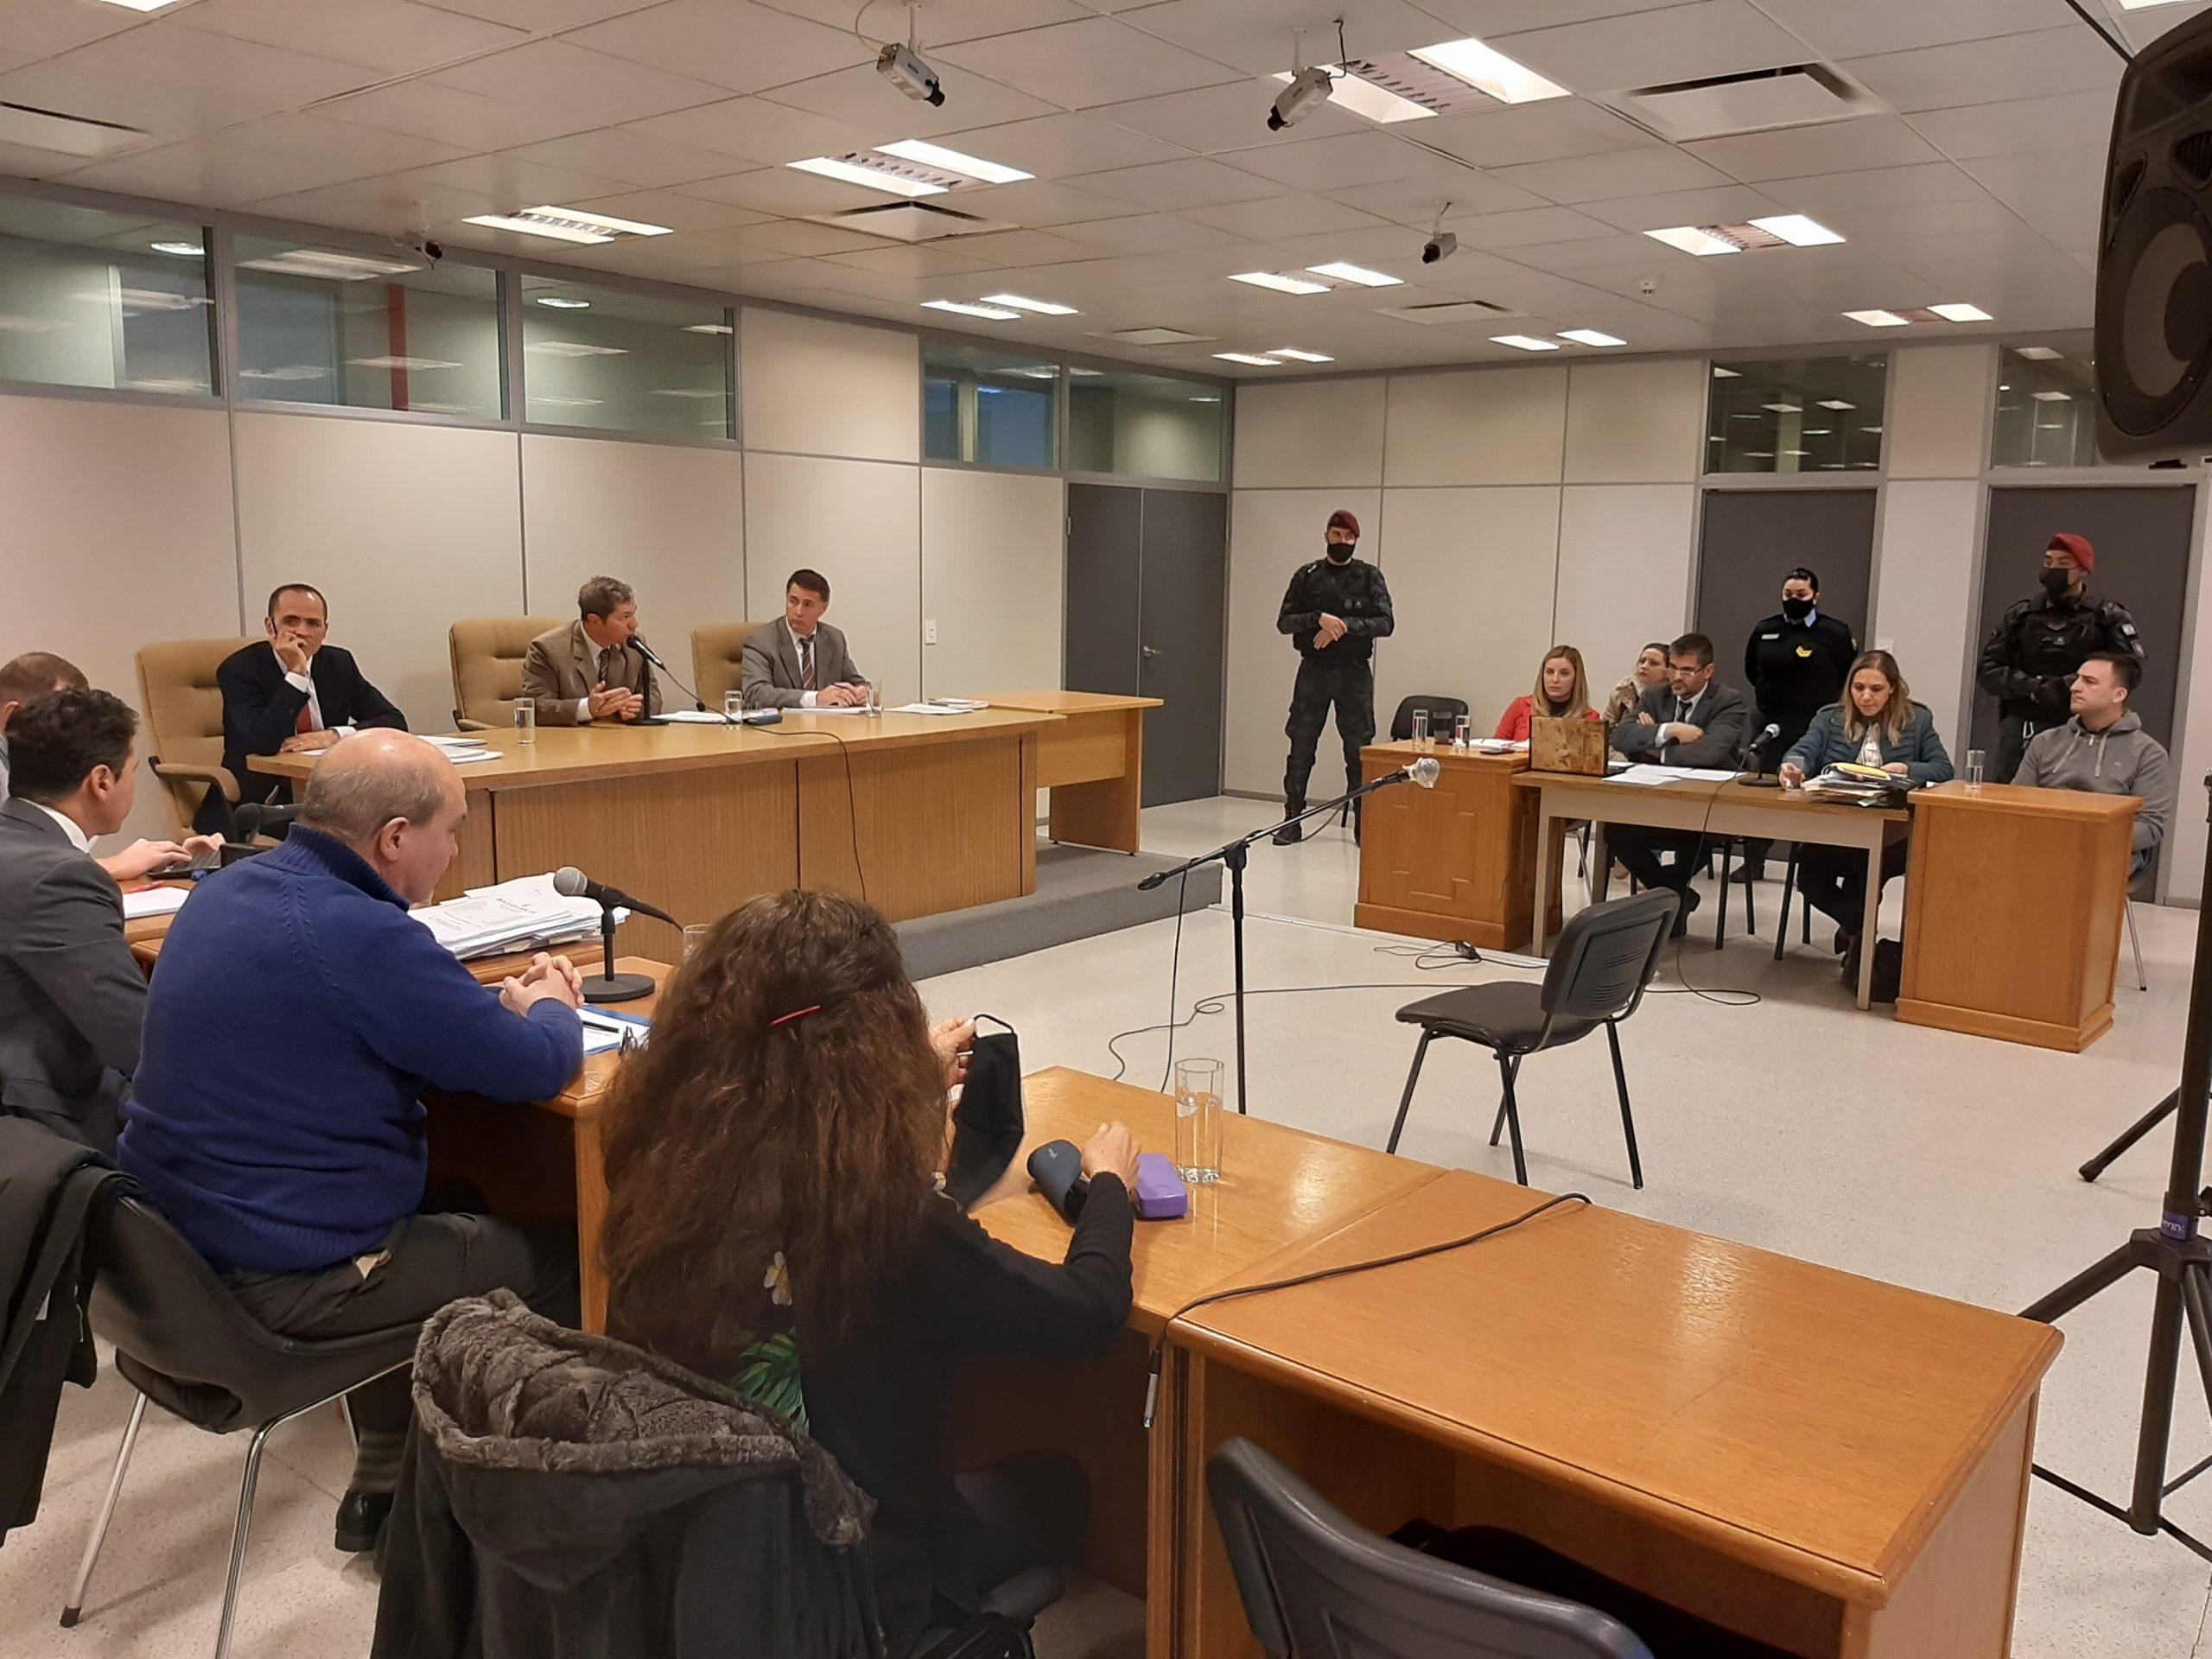 Empezó el juicio oral por el crimen de Felisa Acevedo, ocurrido durante 2018 en Santa Rosa: Los imputados eligieron el silencio